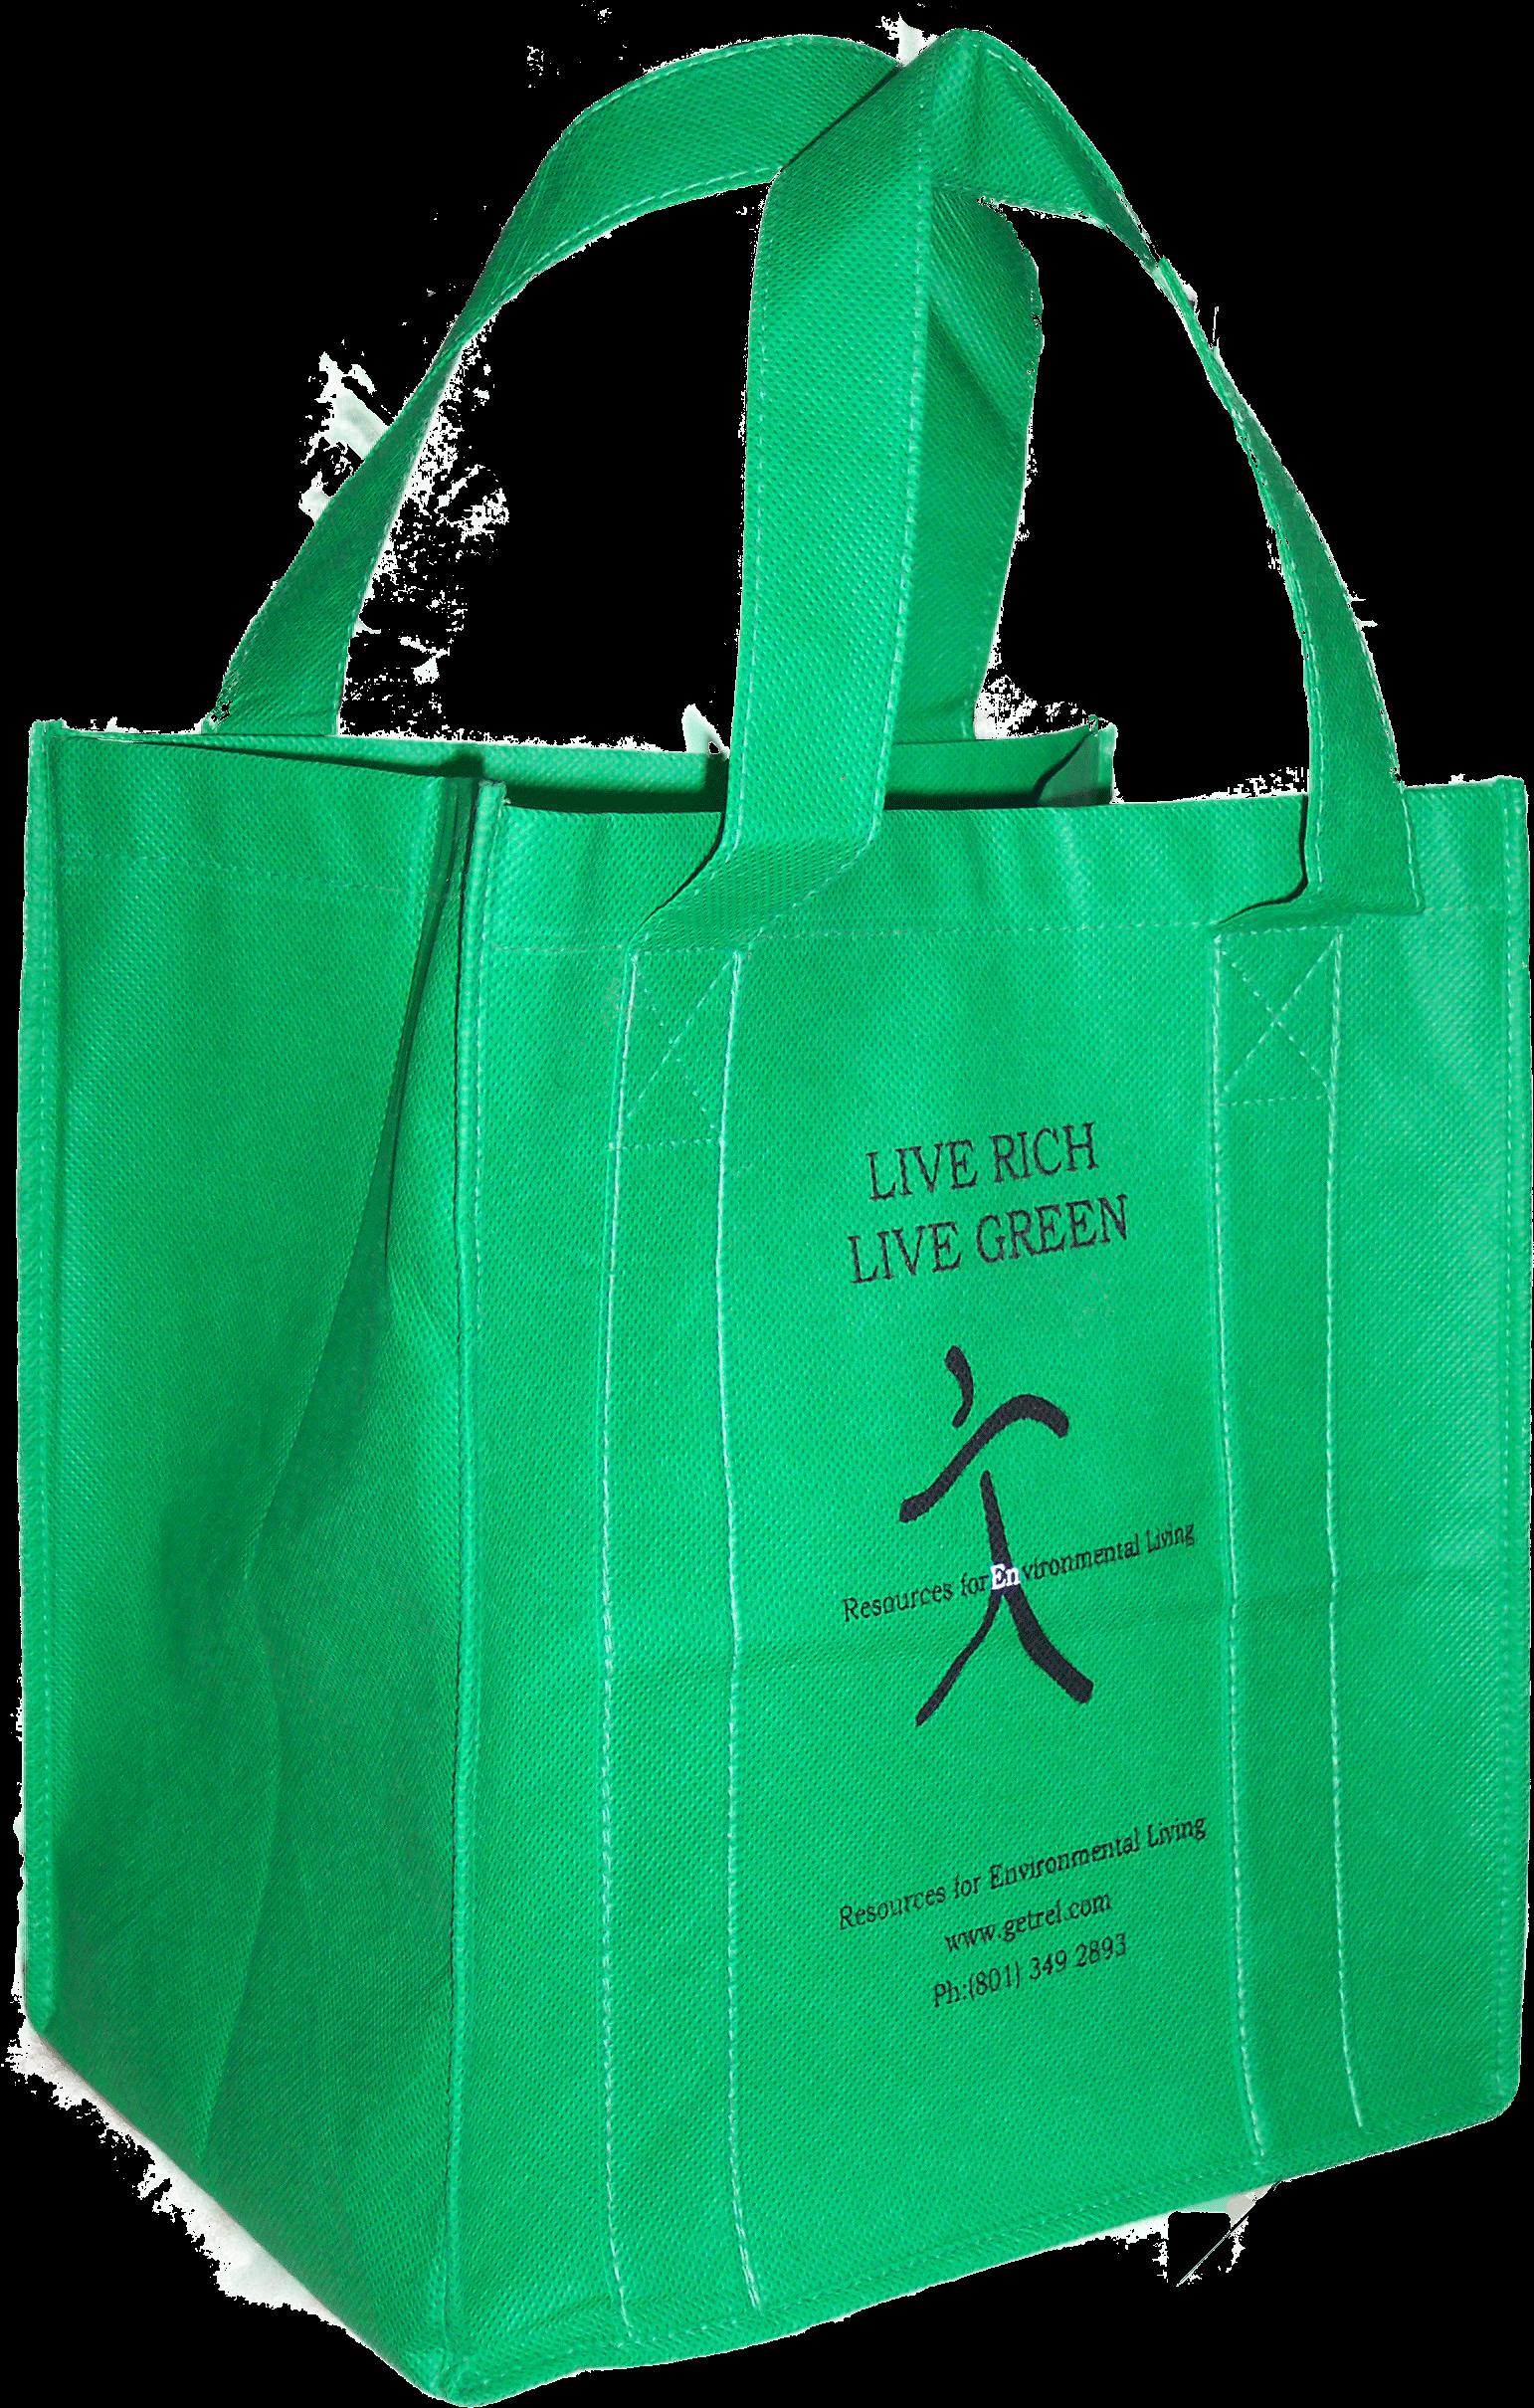 Food Safety Risk - Reusable Shopping Bag Transparent ...